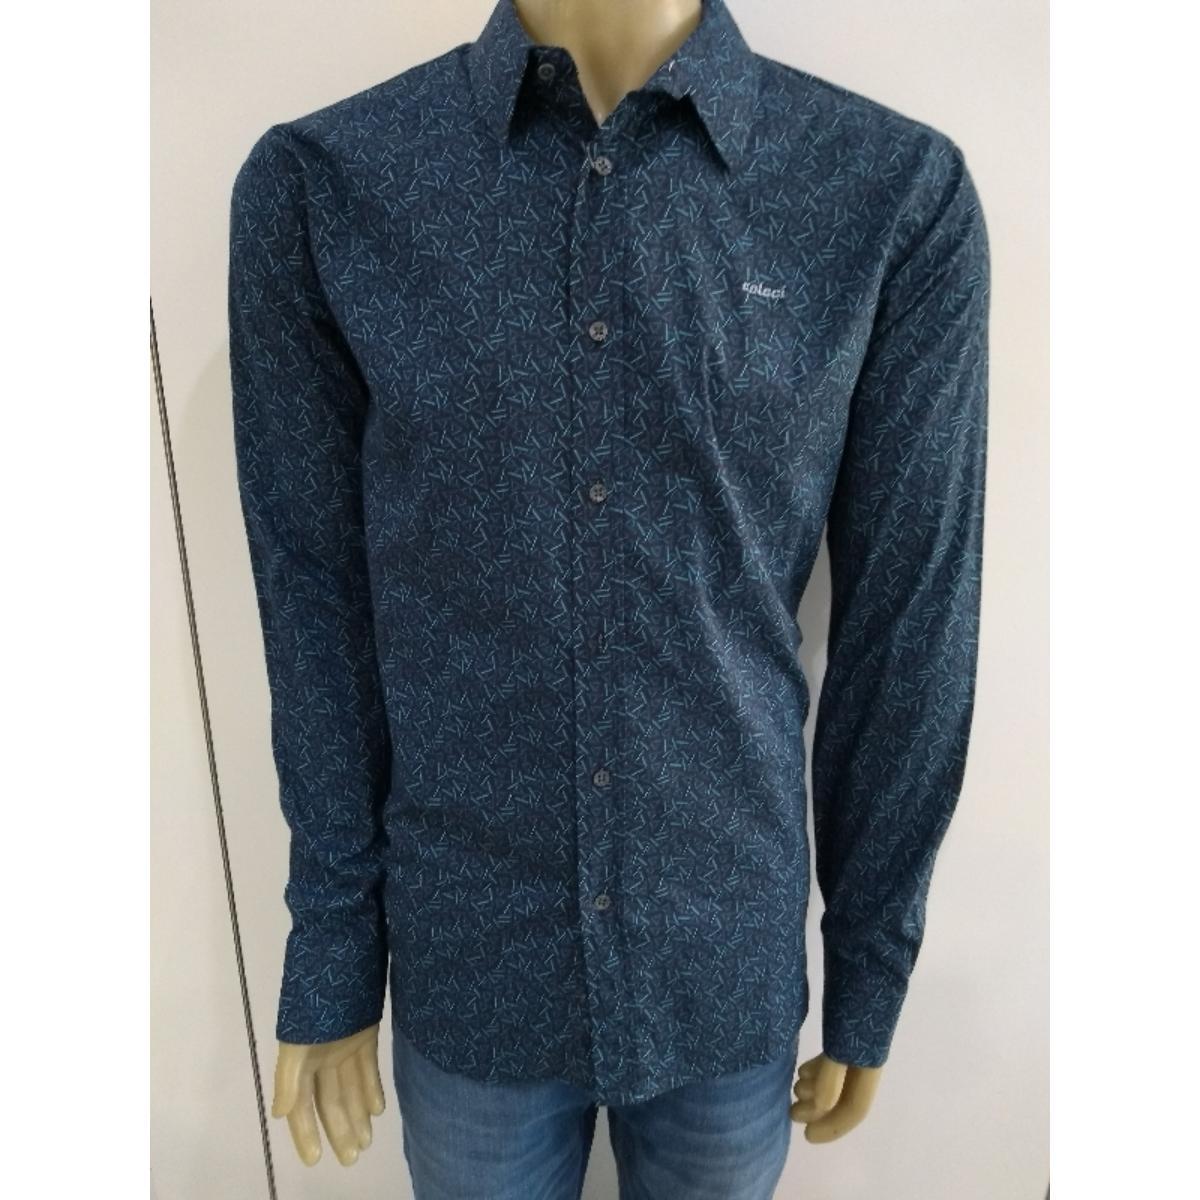 Camisa Masculina Colcci 310103500 Vc38 Preto/azul